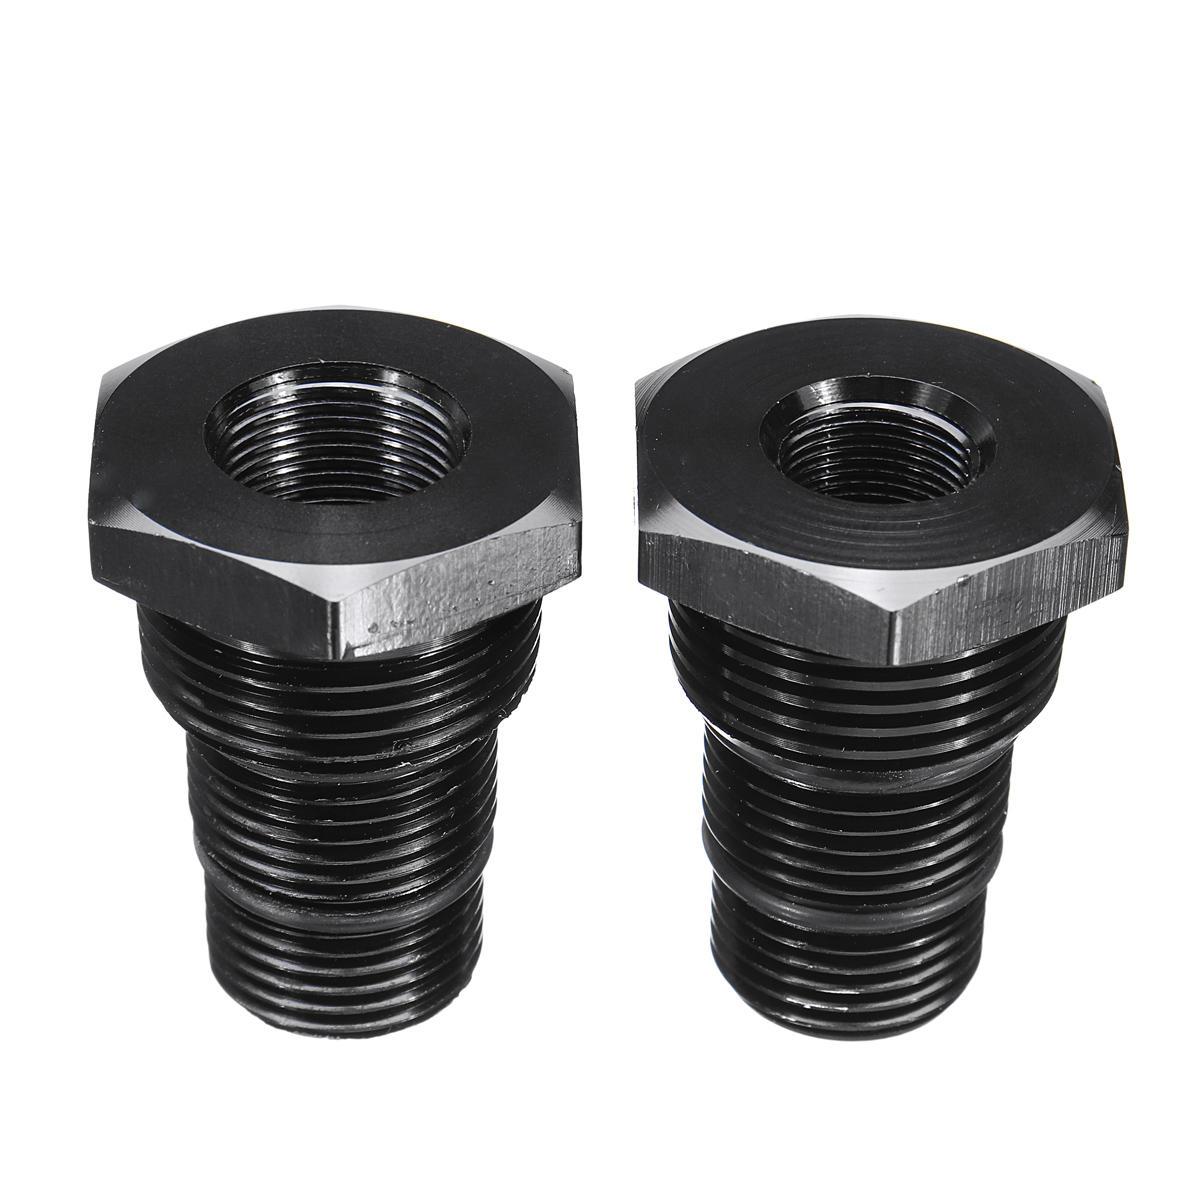 1 / 2-28 5 / 8-24 3 / 4-16 13 / 16-16 3 / 4NPT Gewinde Suppressor Oil Filter Adapter Schwarz